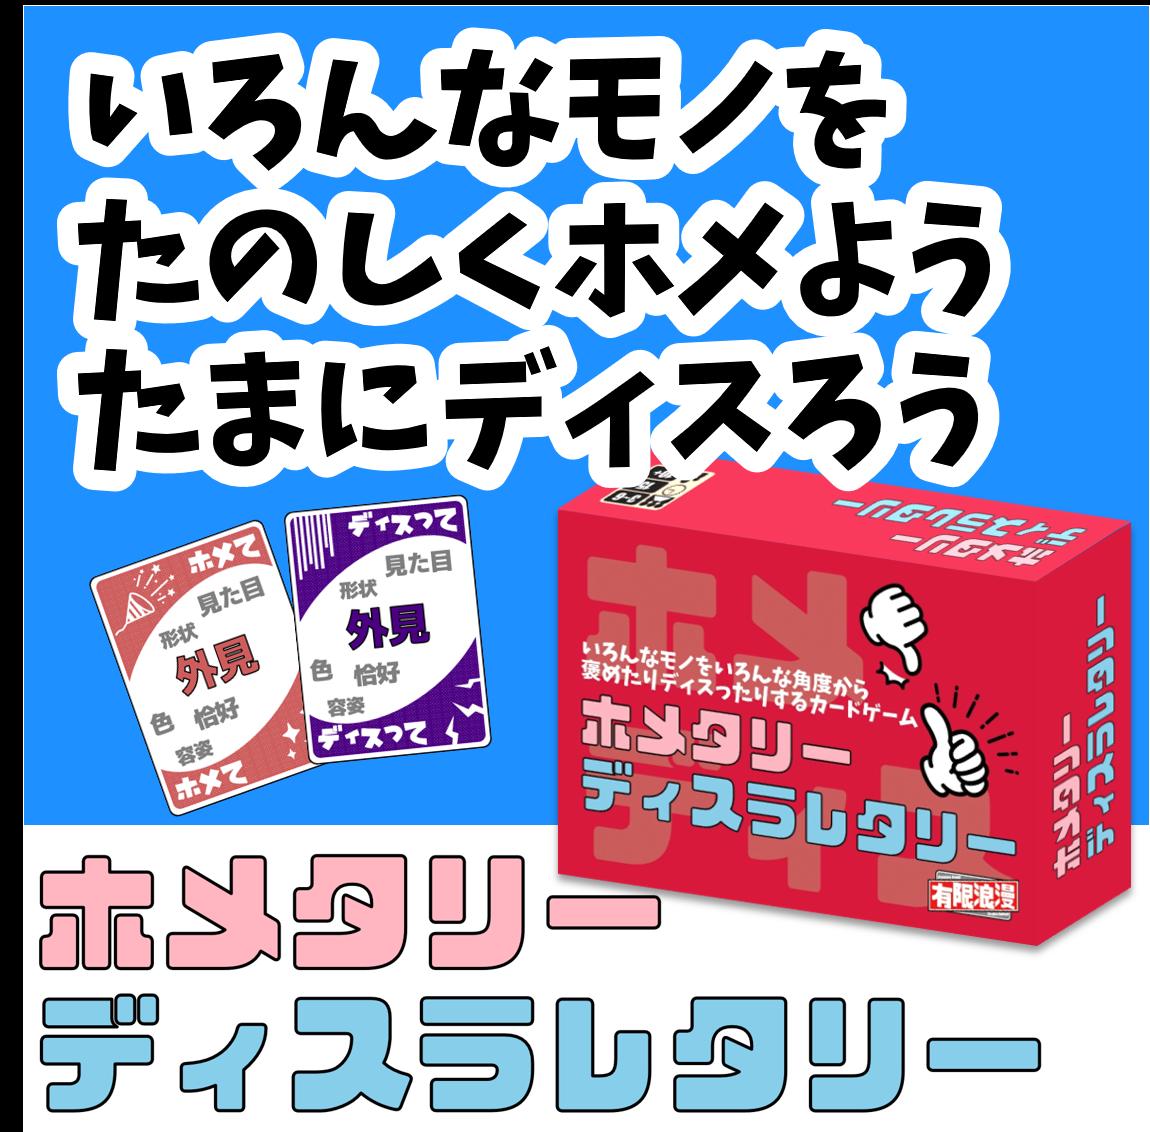 【ルール詳細】ホメタリーディスラレタリー【予約受付中】